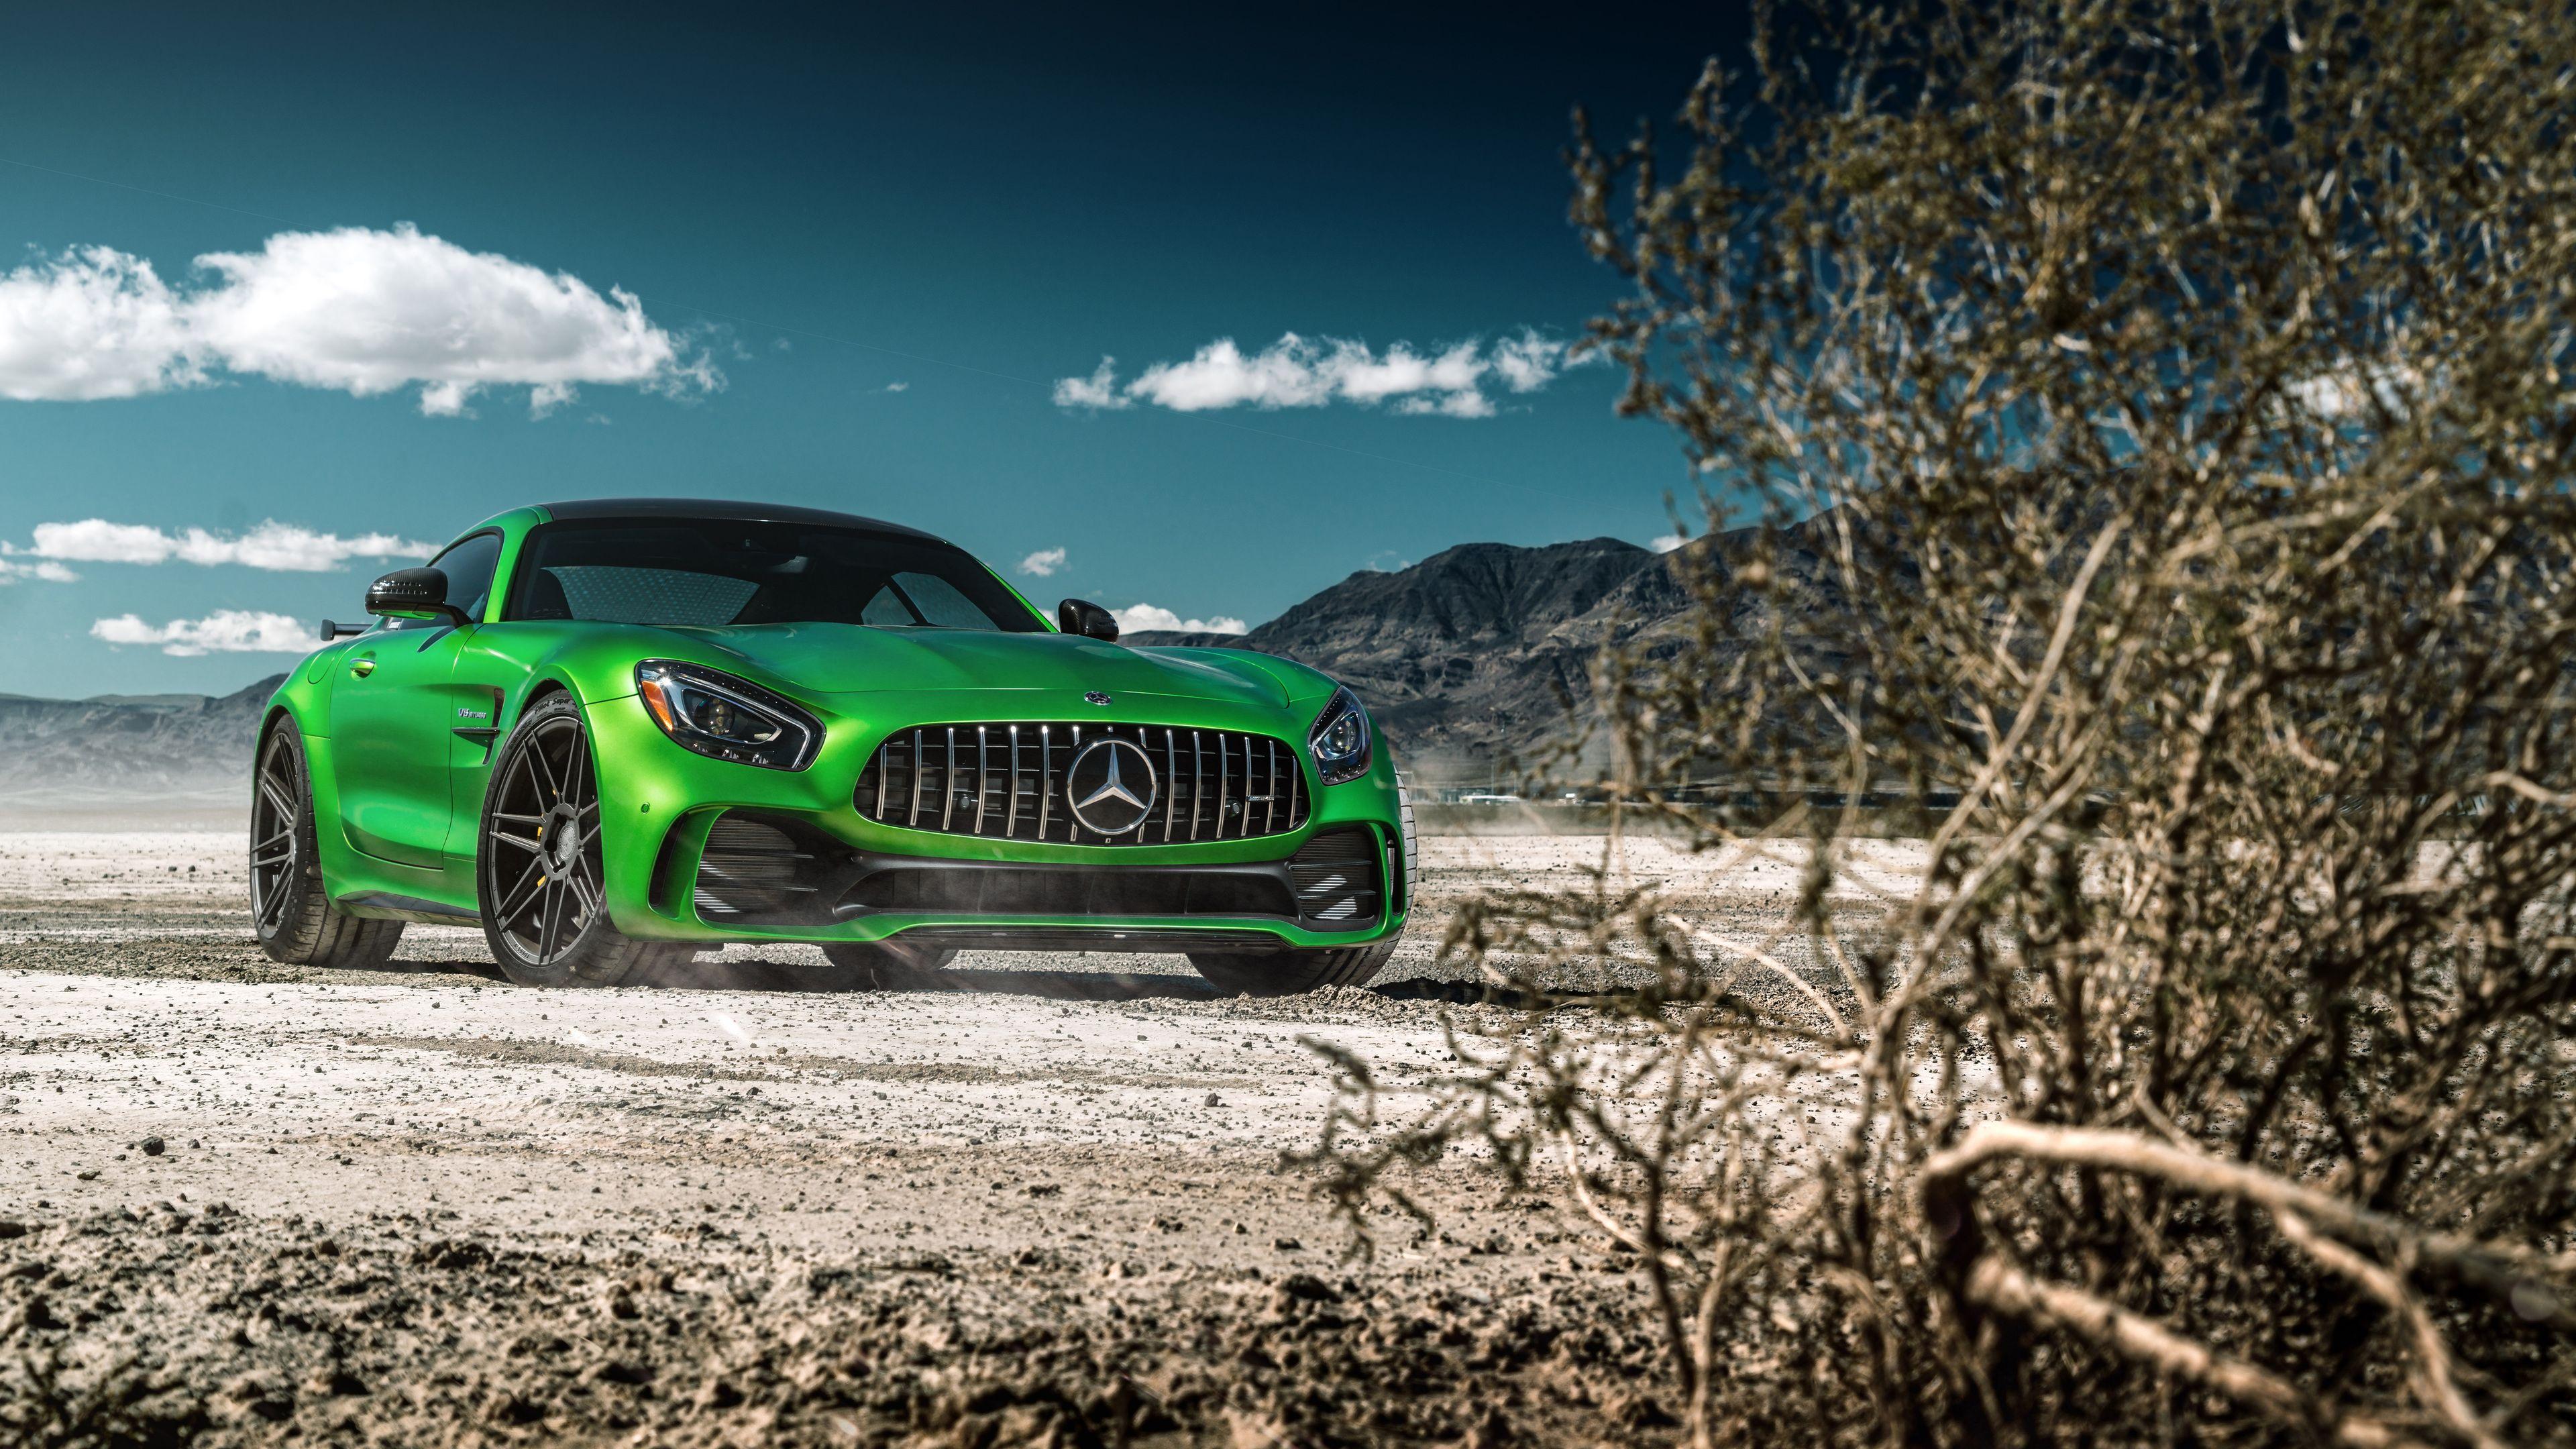 Green Mercedes Benz Amg Gt 4k Wallpaper Mercedes Wallpapers